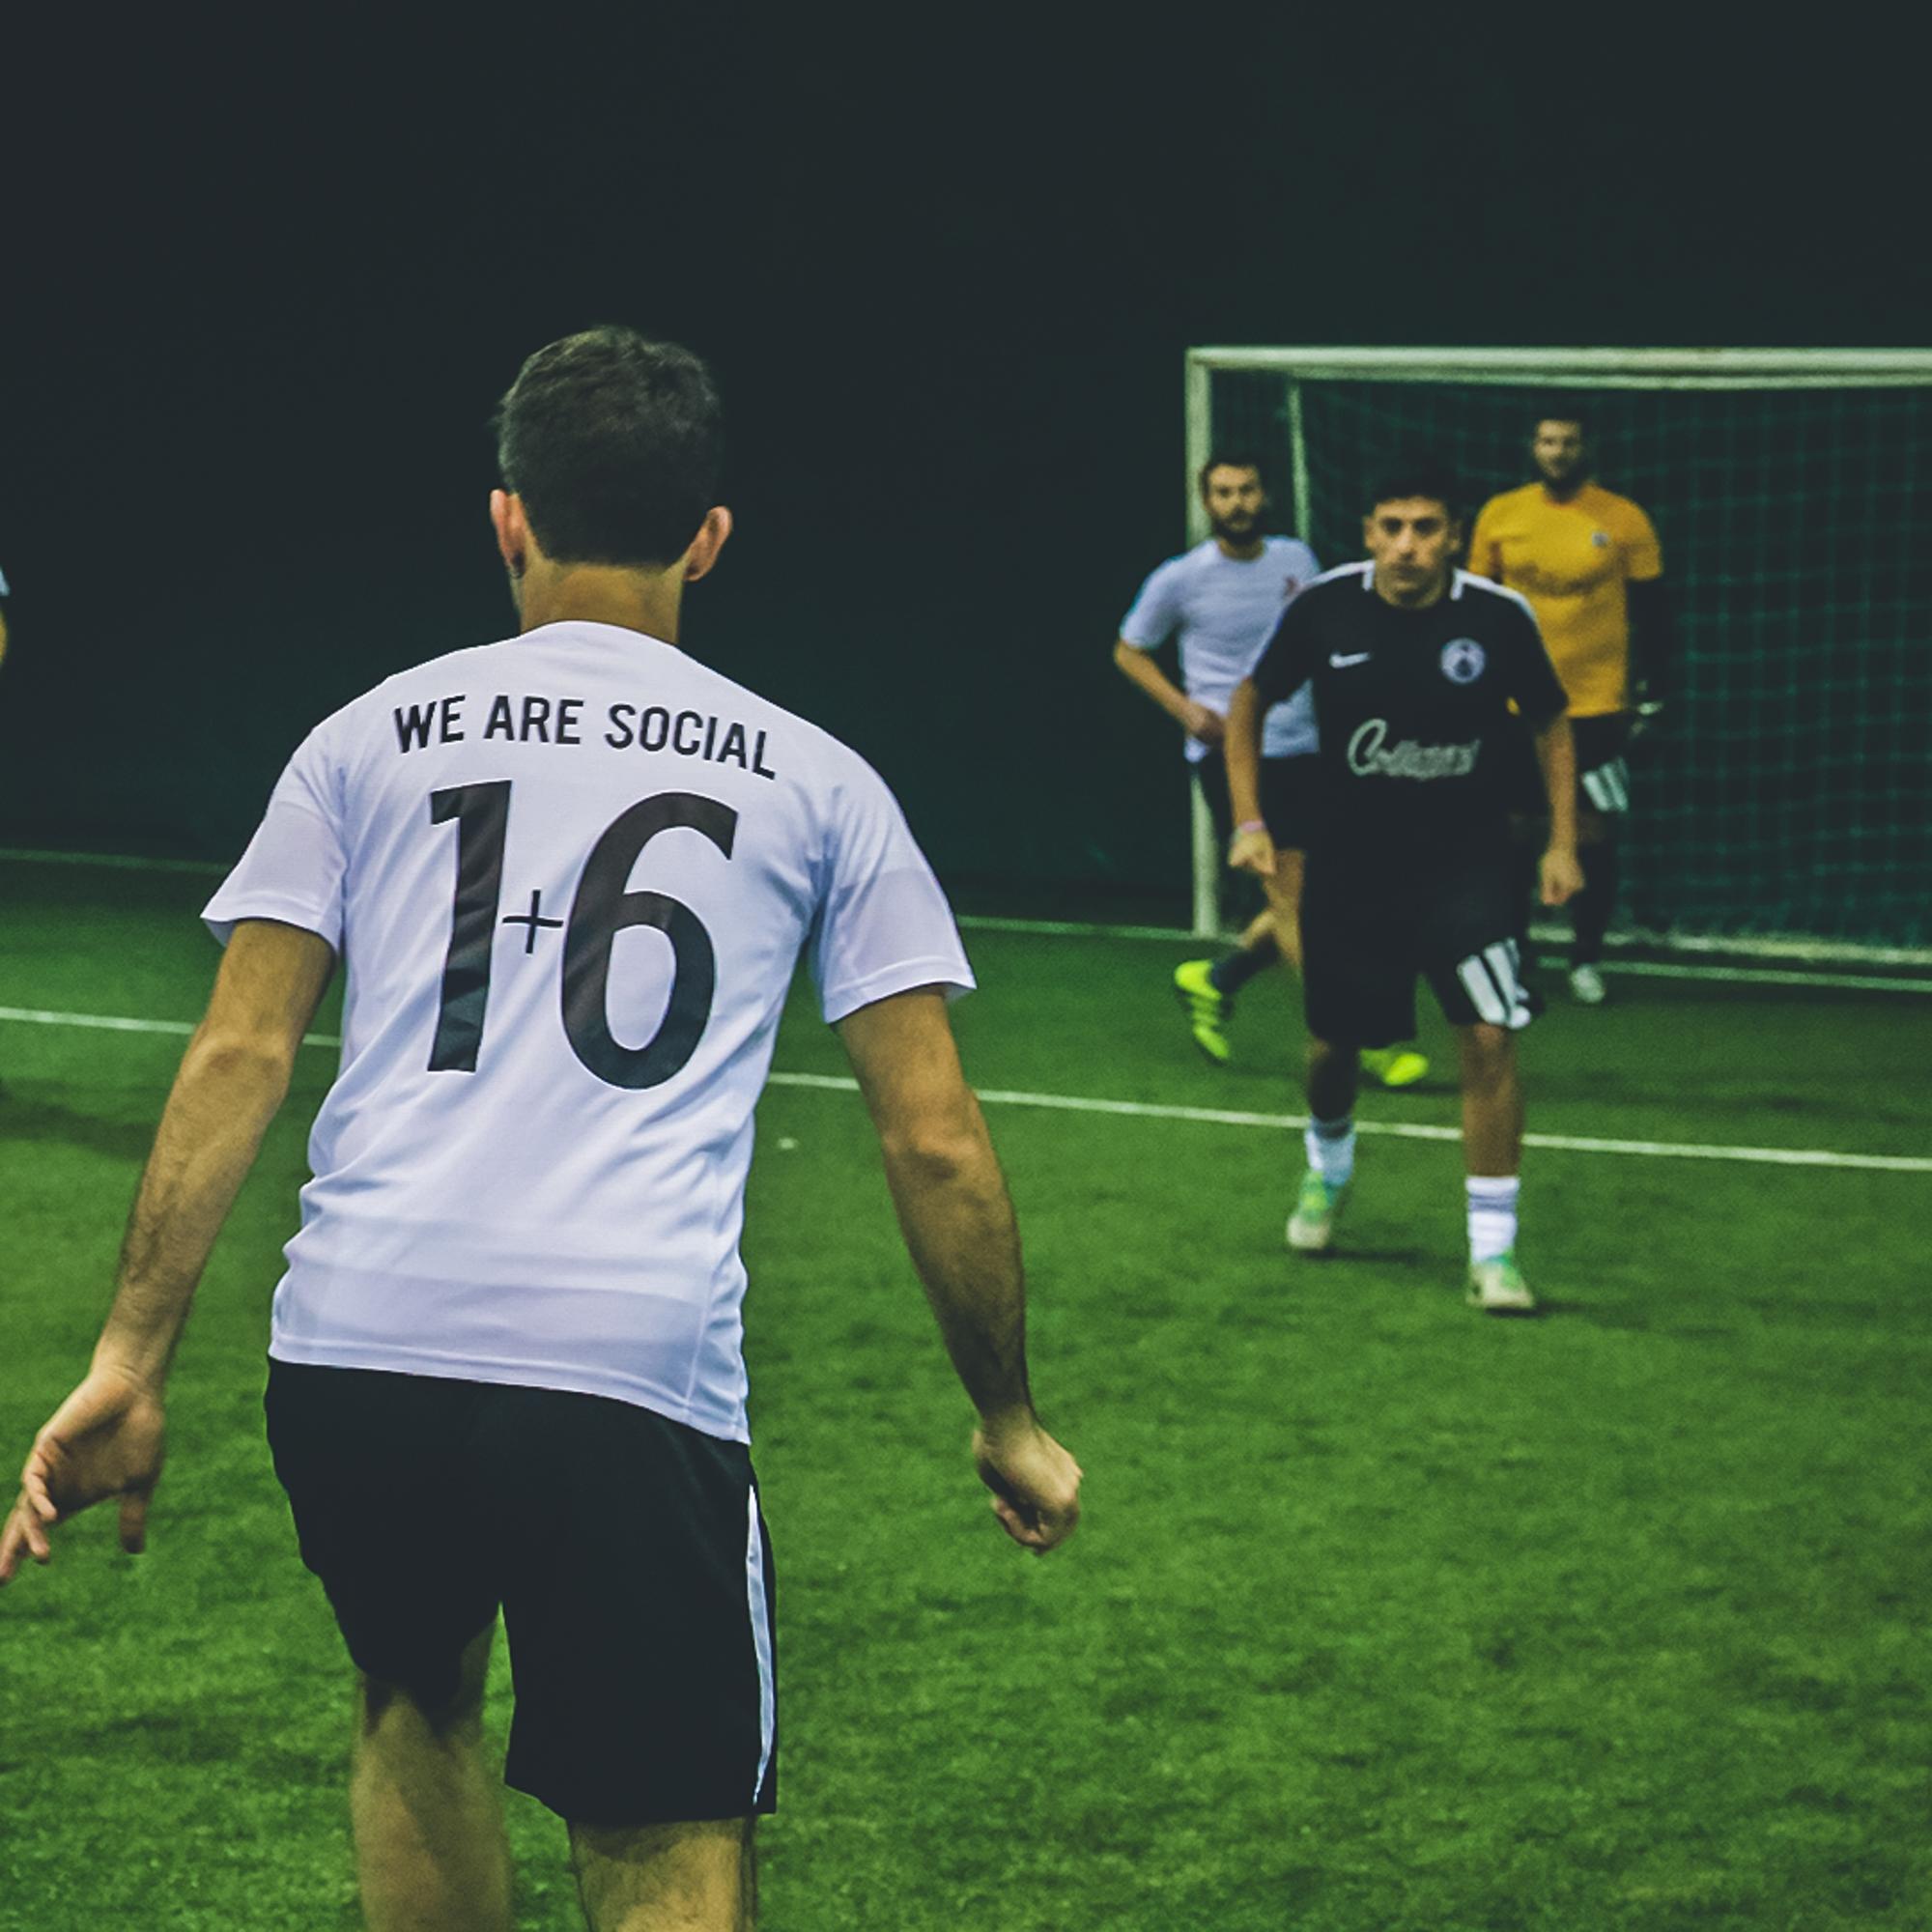 The Social Cup 00, un torneo di beneficienza fra calcetto e comunicazione | Collater.al 5